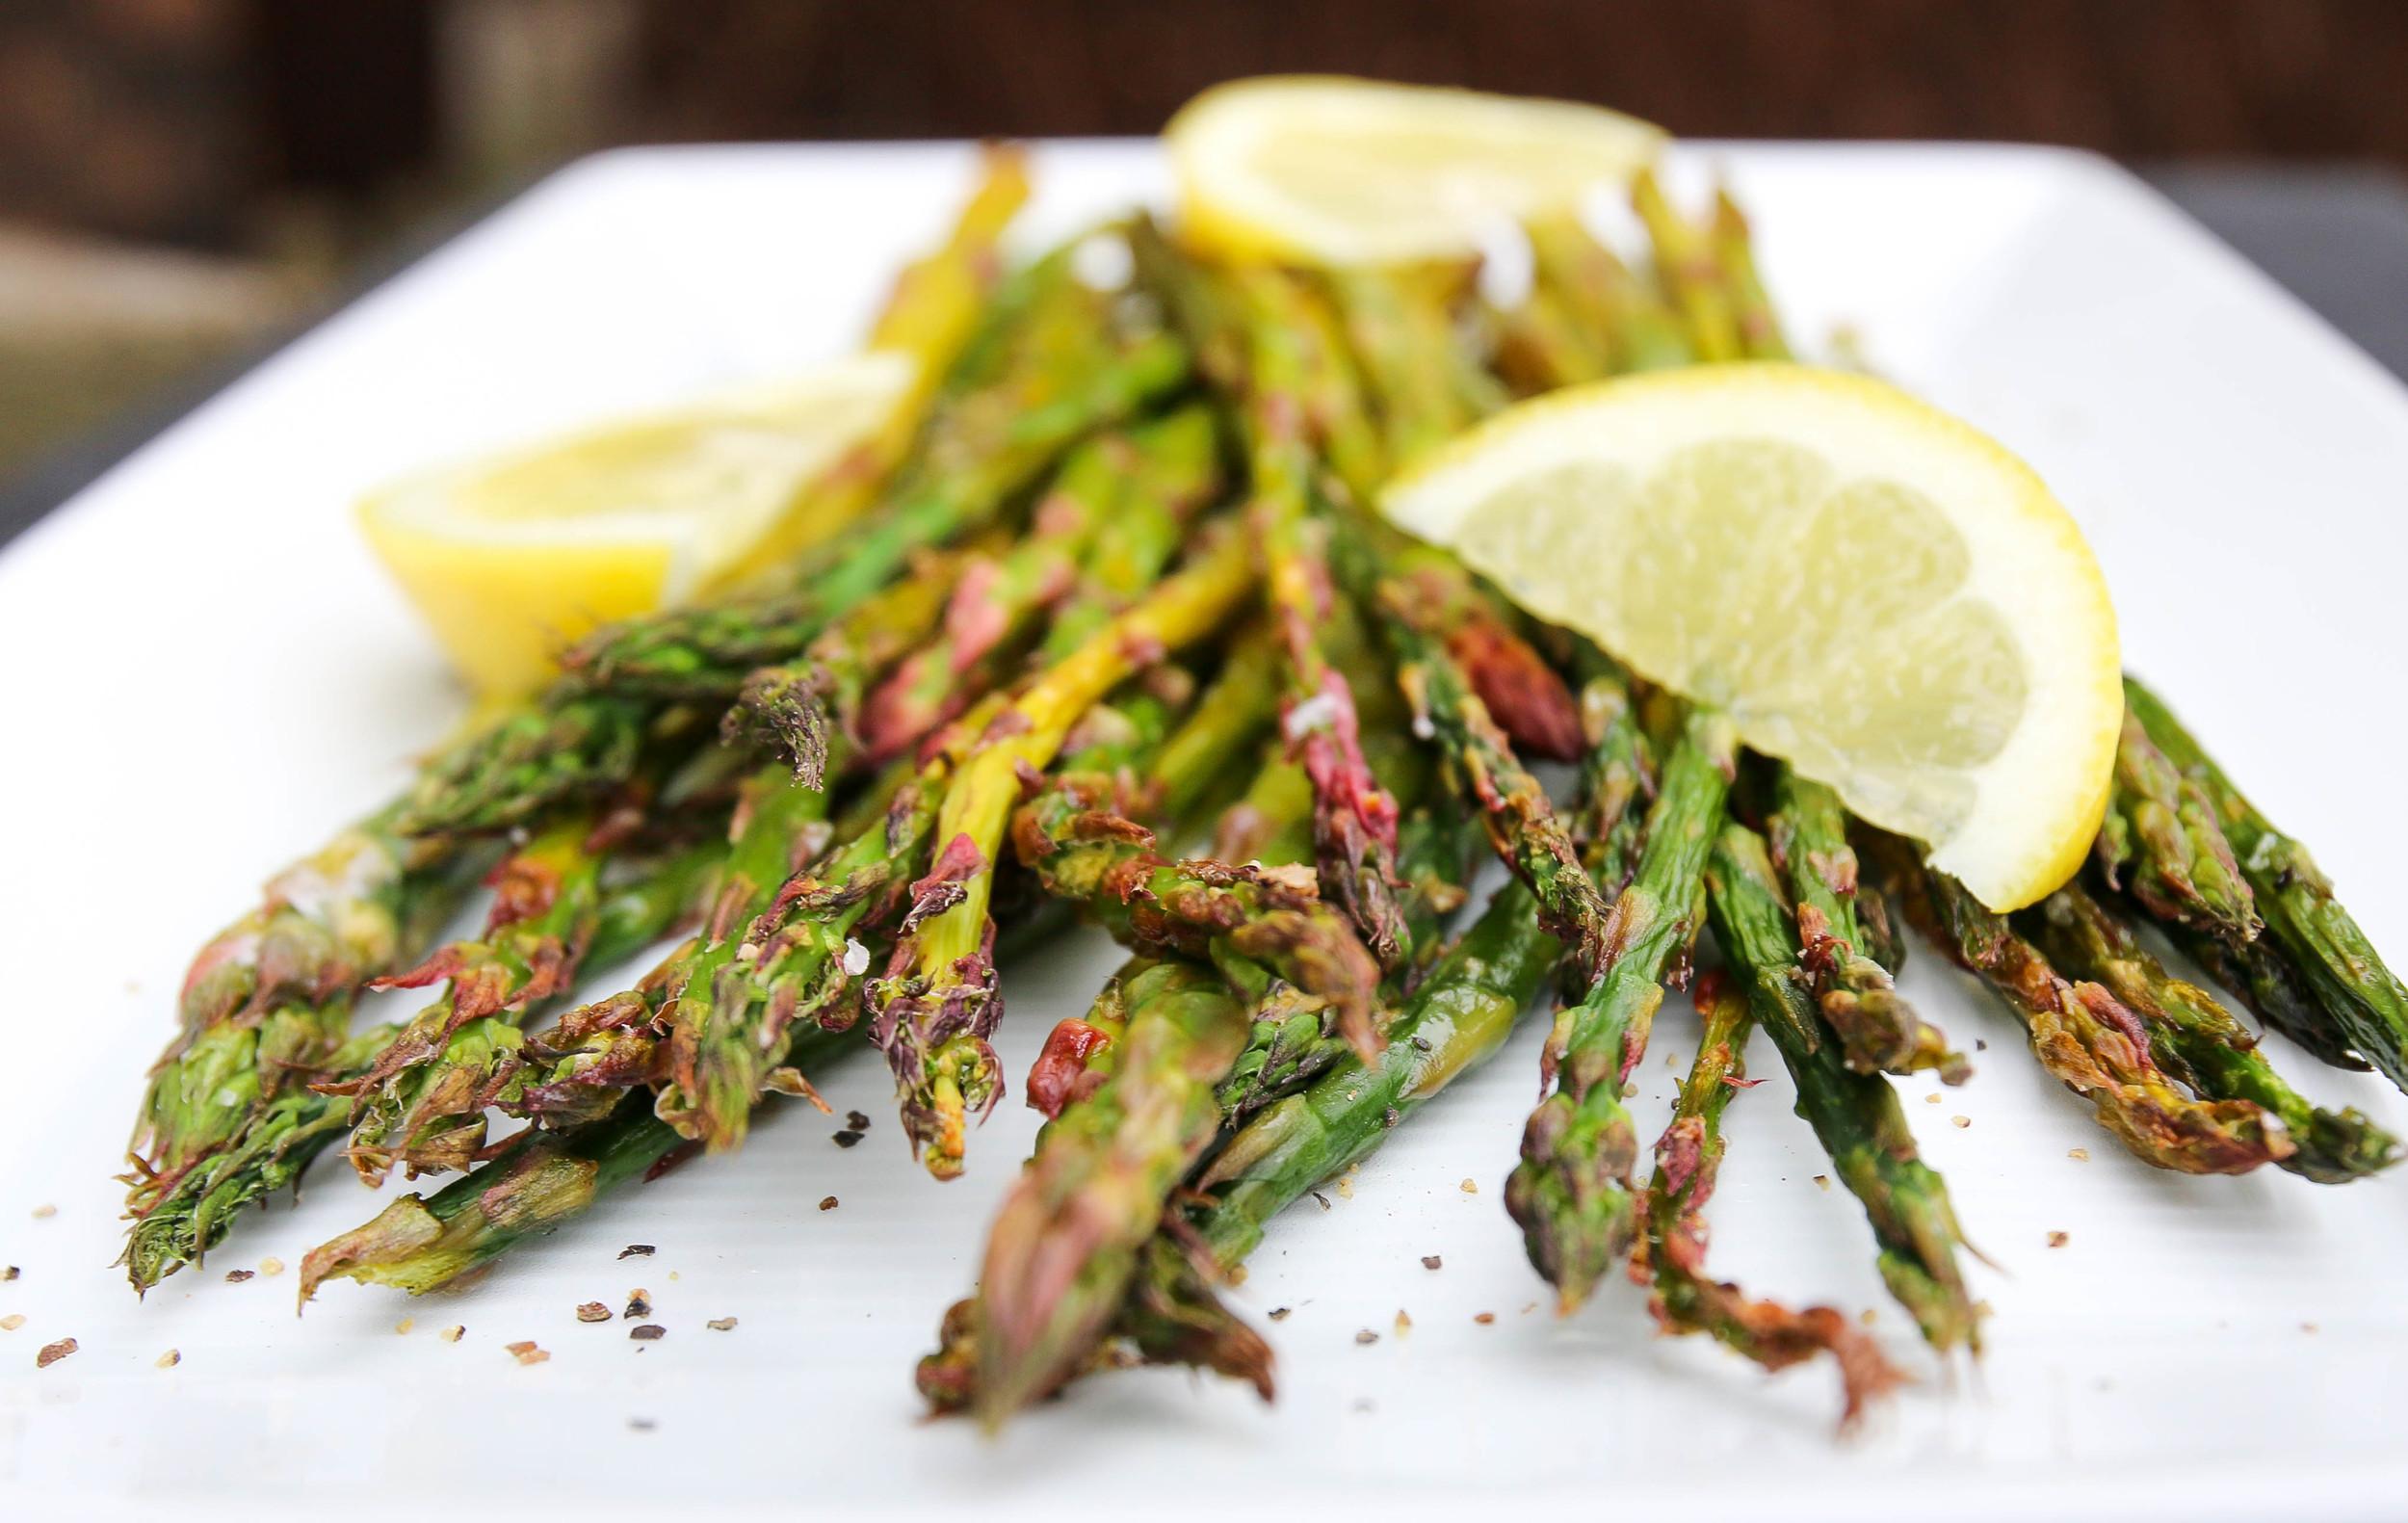 asparagus with lemon.jpeg